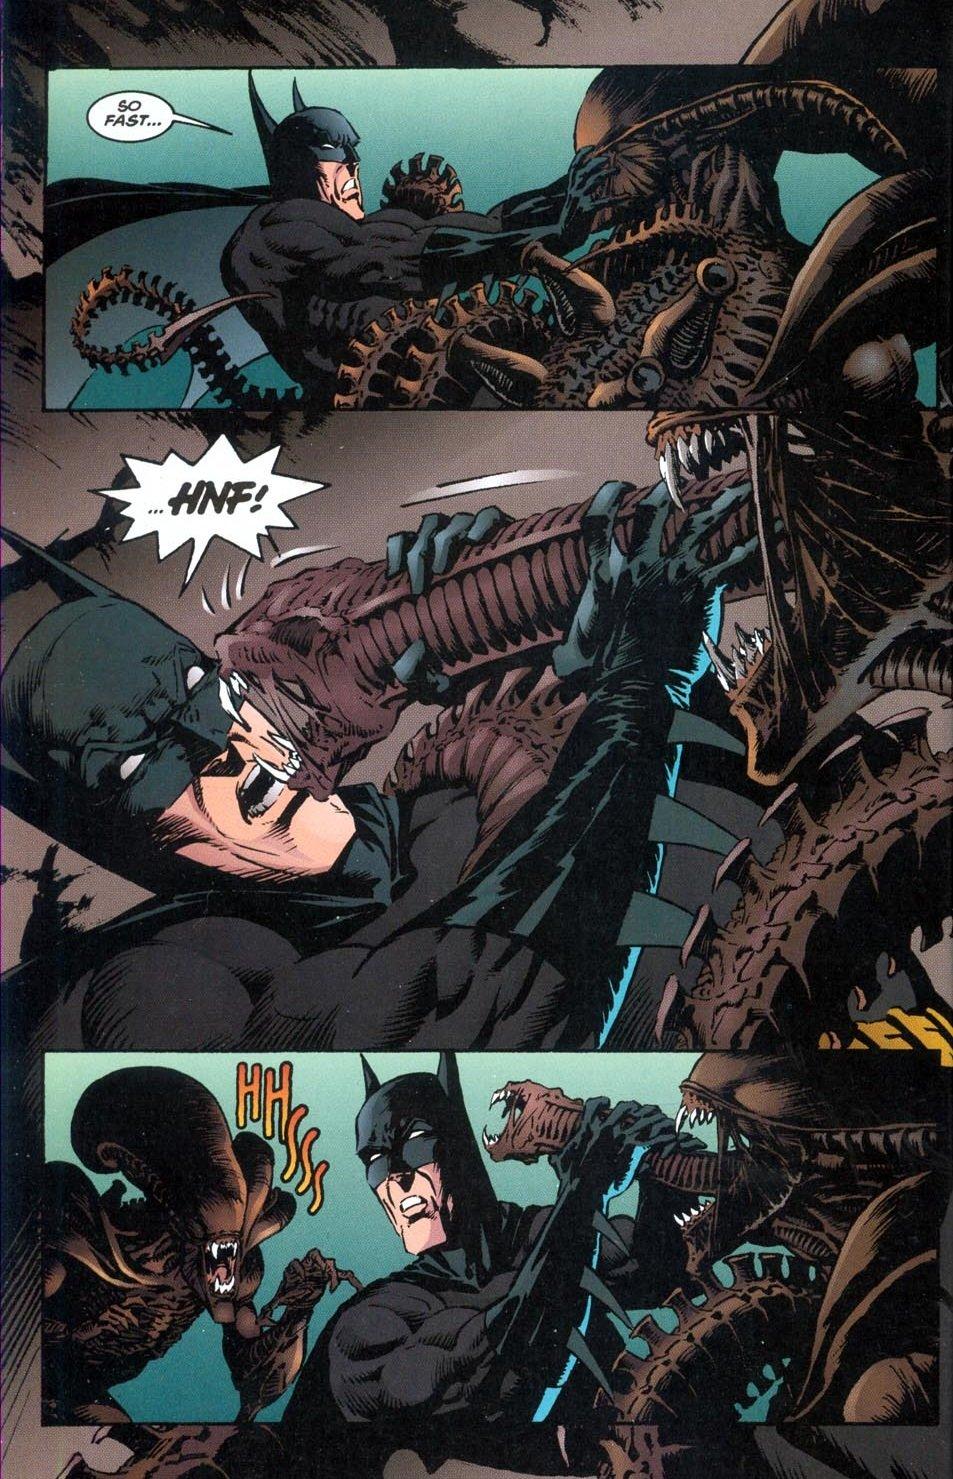 Бэтмен против Чужого?! Безумные комикс-кроссоверы сксеноморфами. - Изображение 19